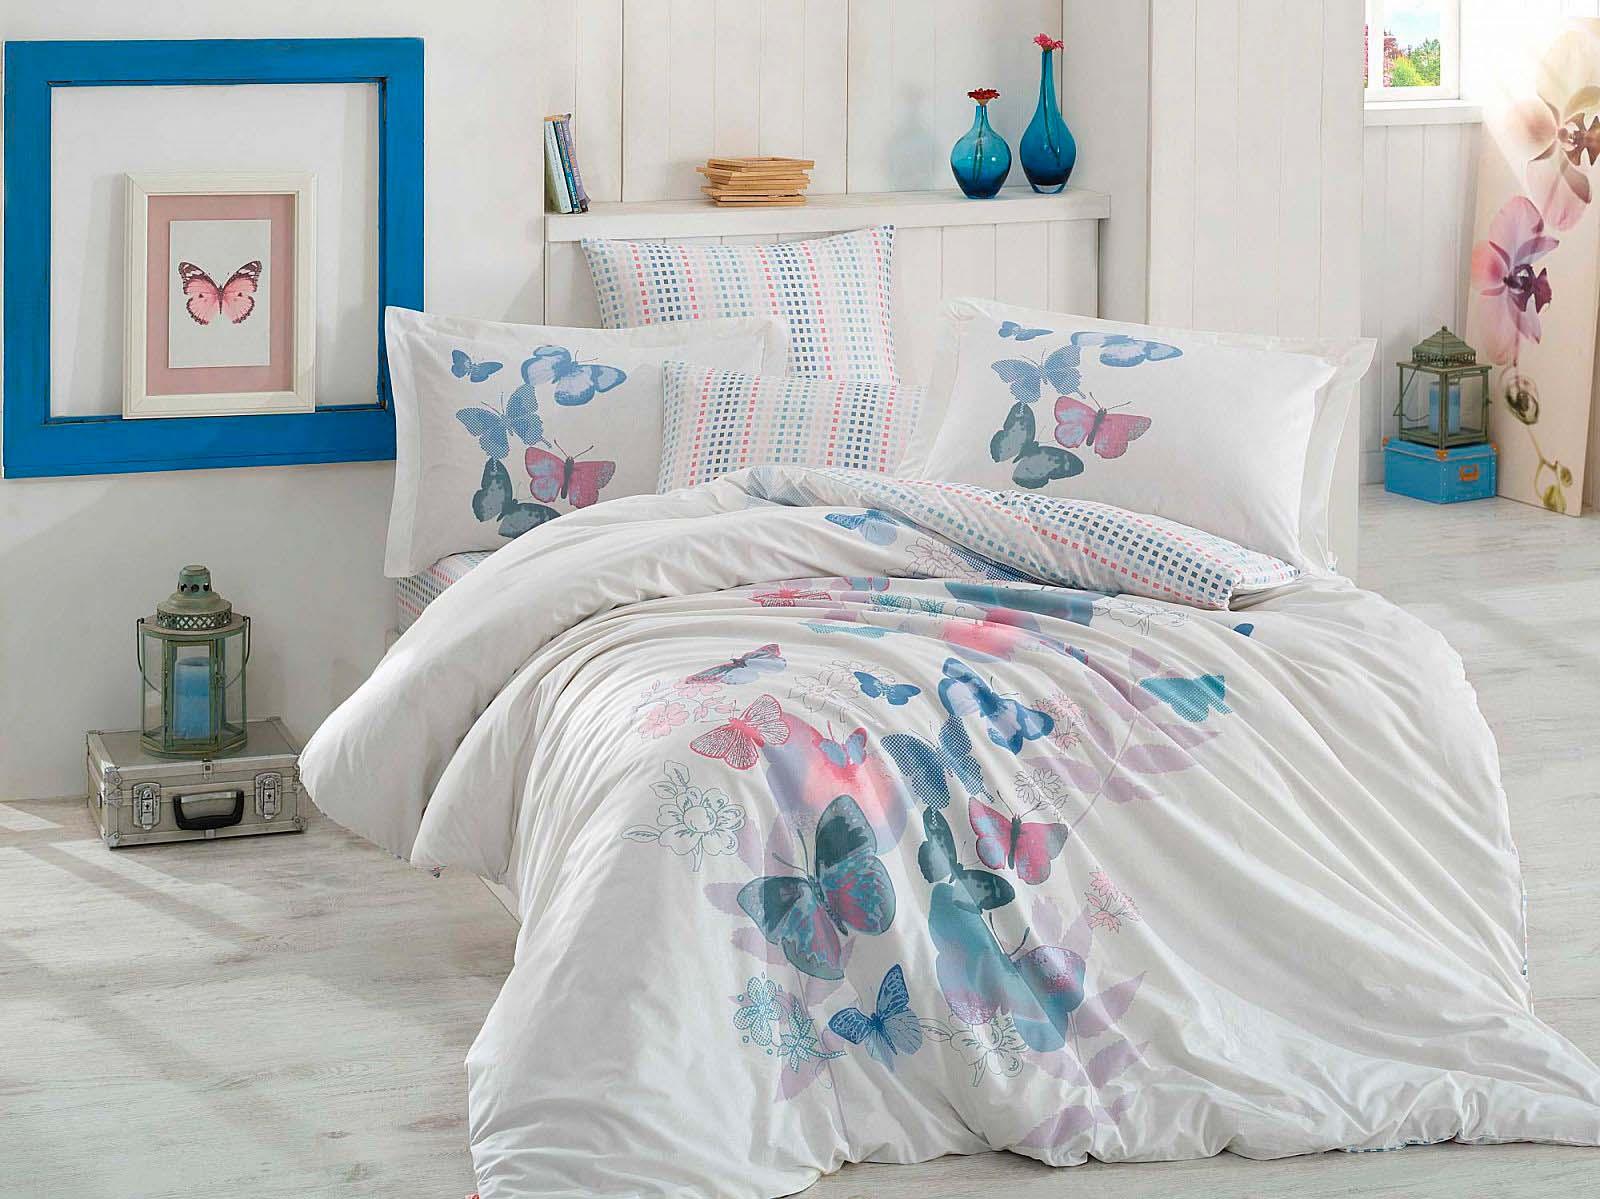 Комплекты постельного белья HOBBY HOME COLLECTION hhc578535